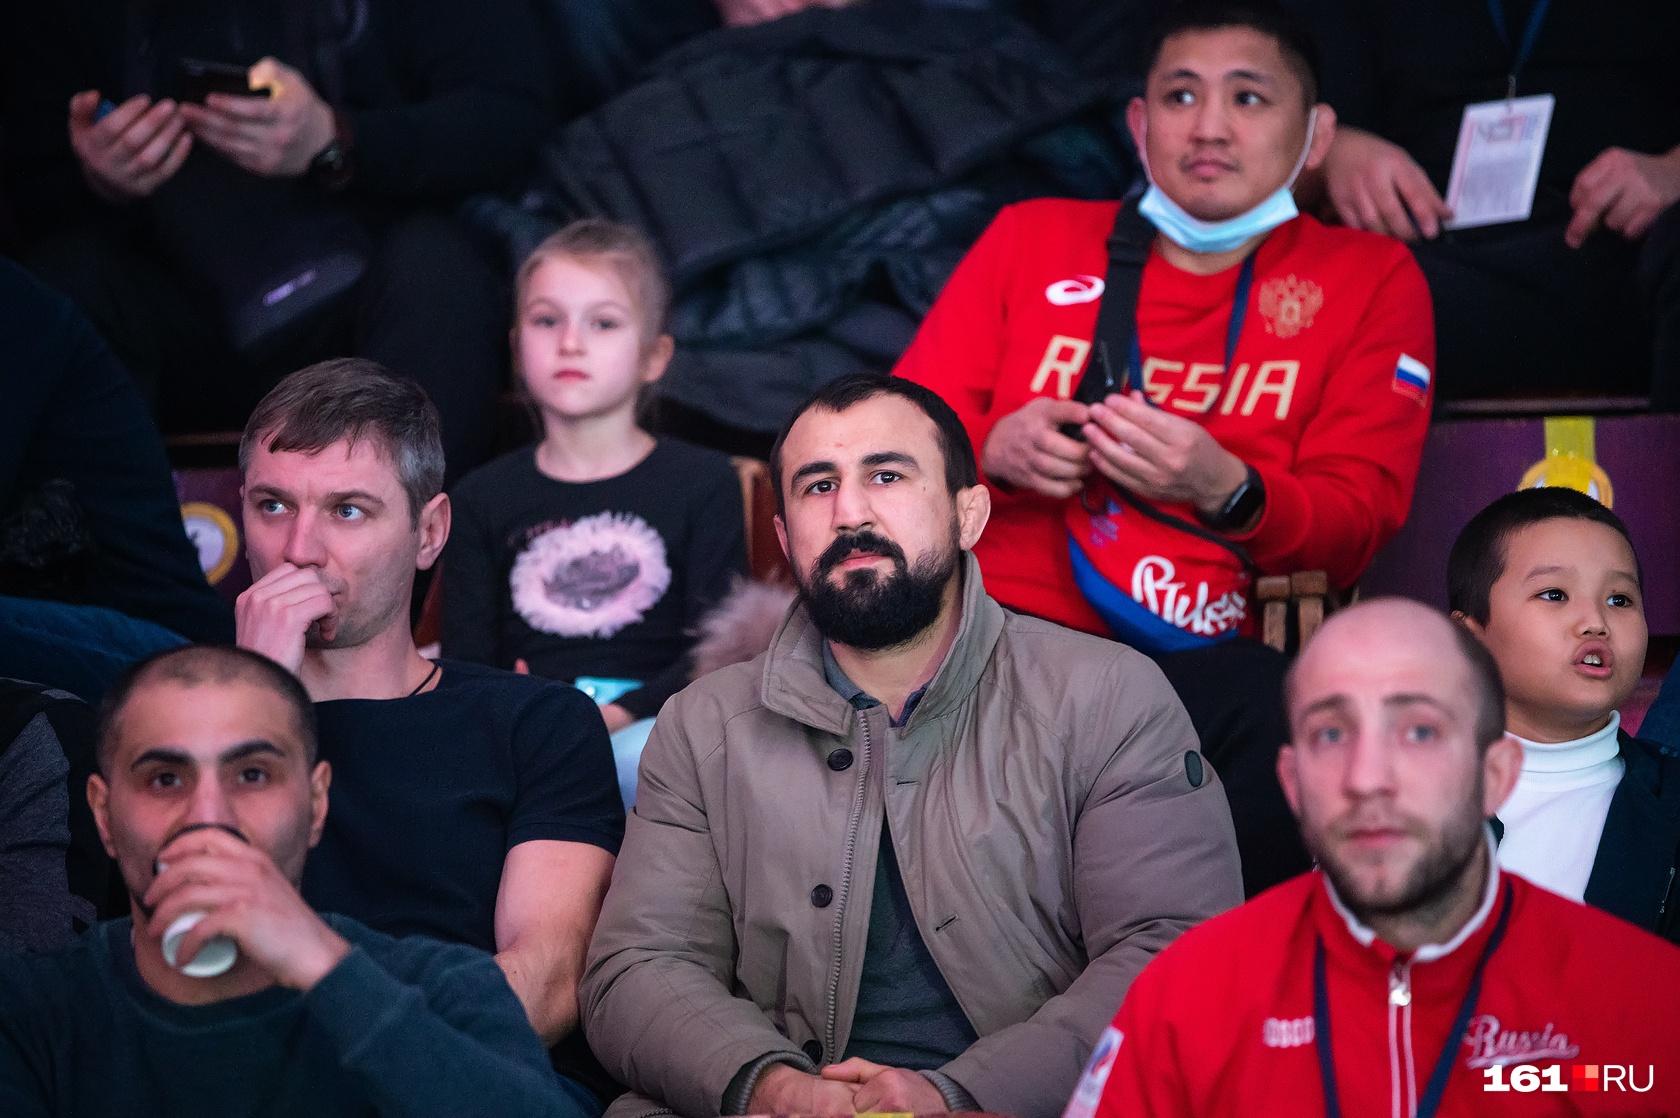 Трибуны во Дворце спорта были забиты до отказа